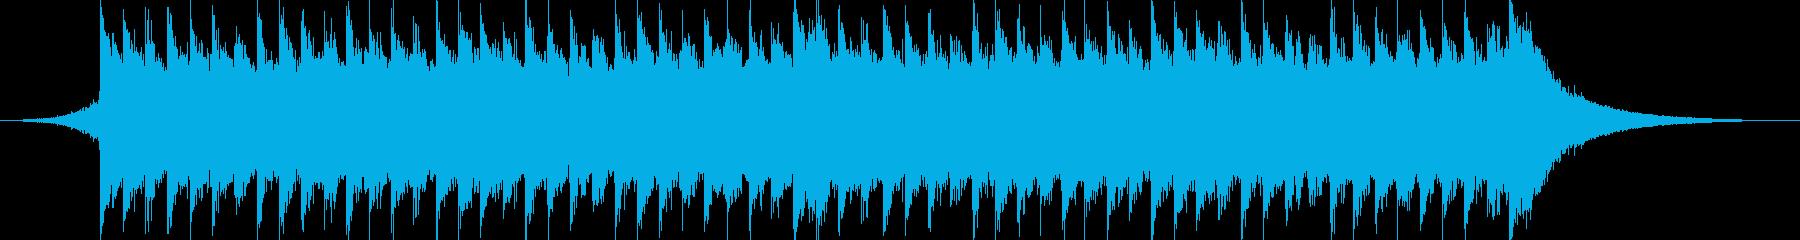 企業VP系55、爽やかピアノ&ギターcの再生済みの波形